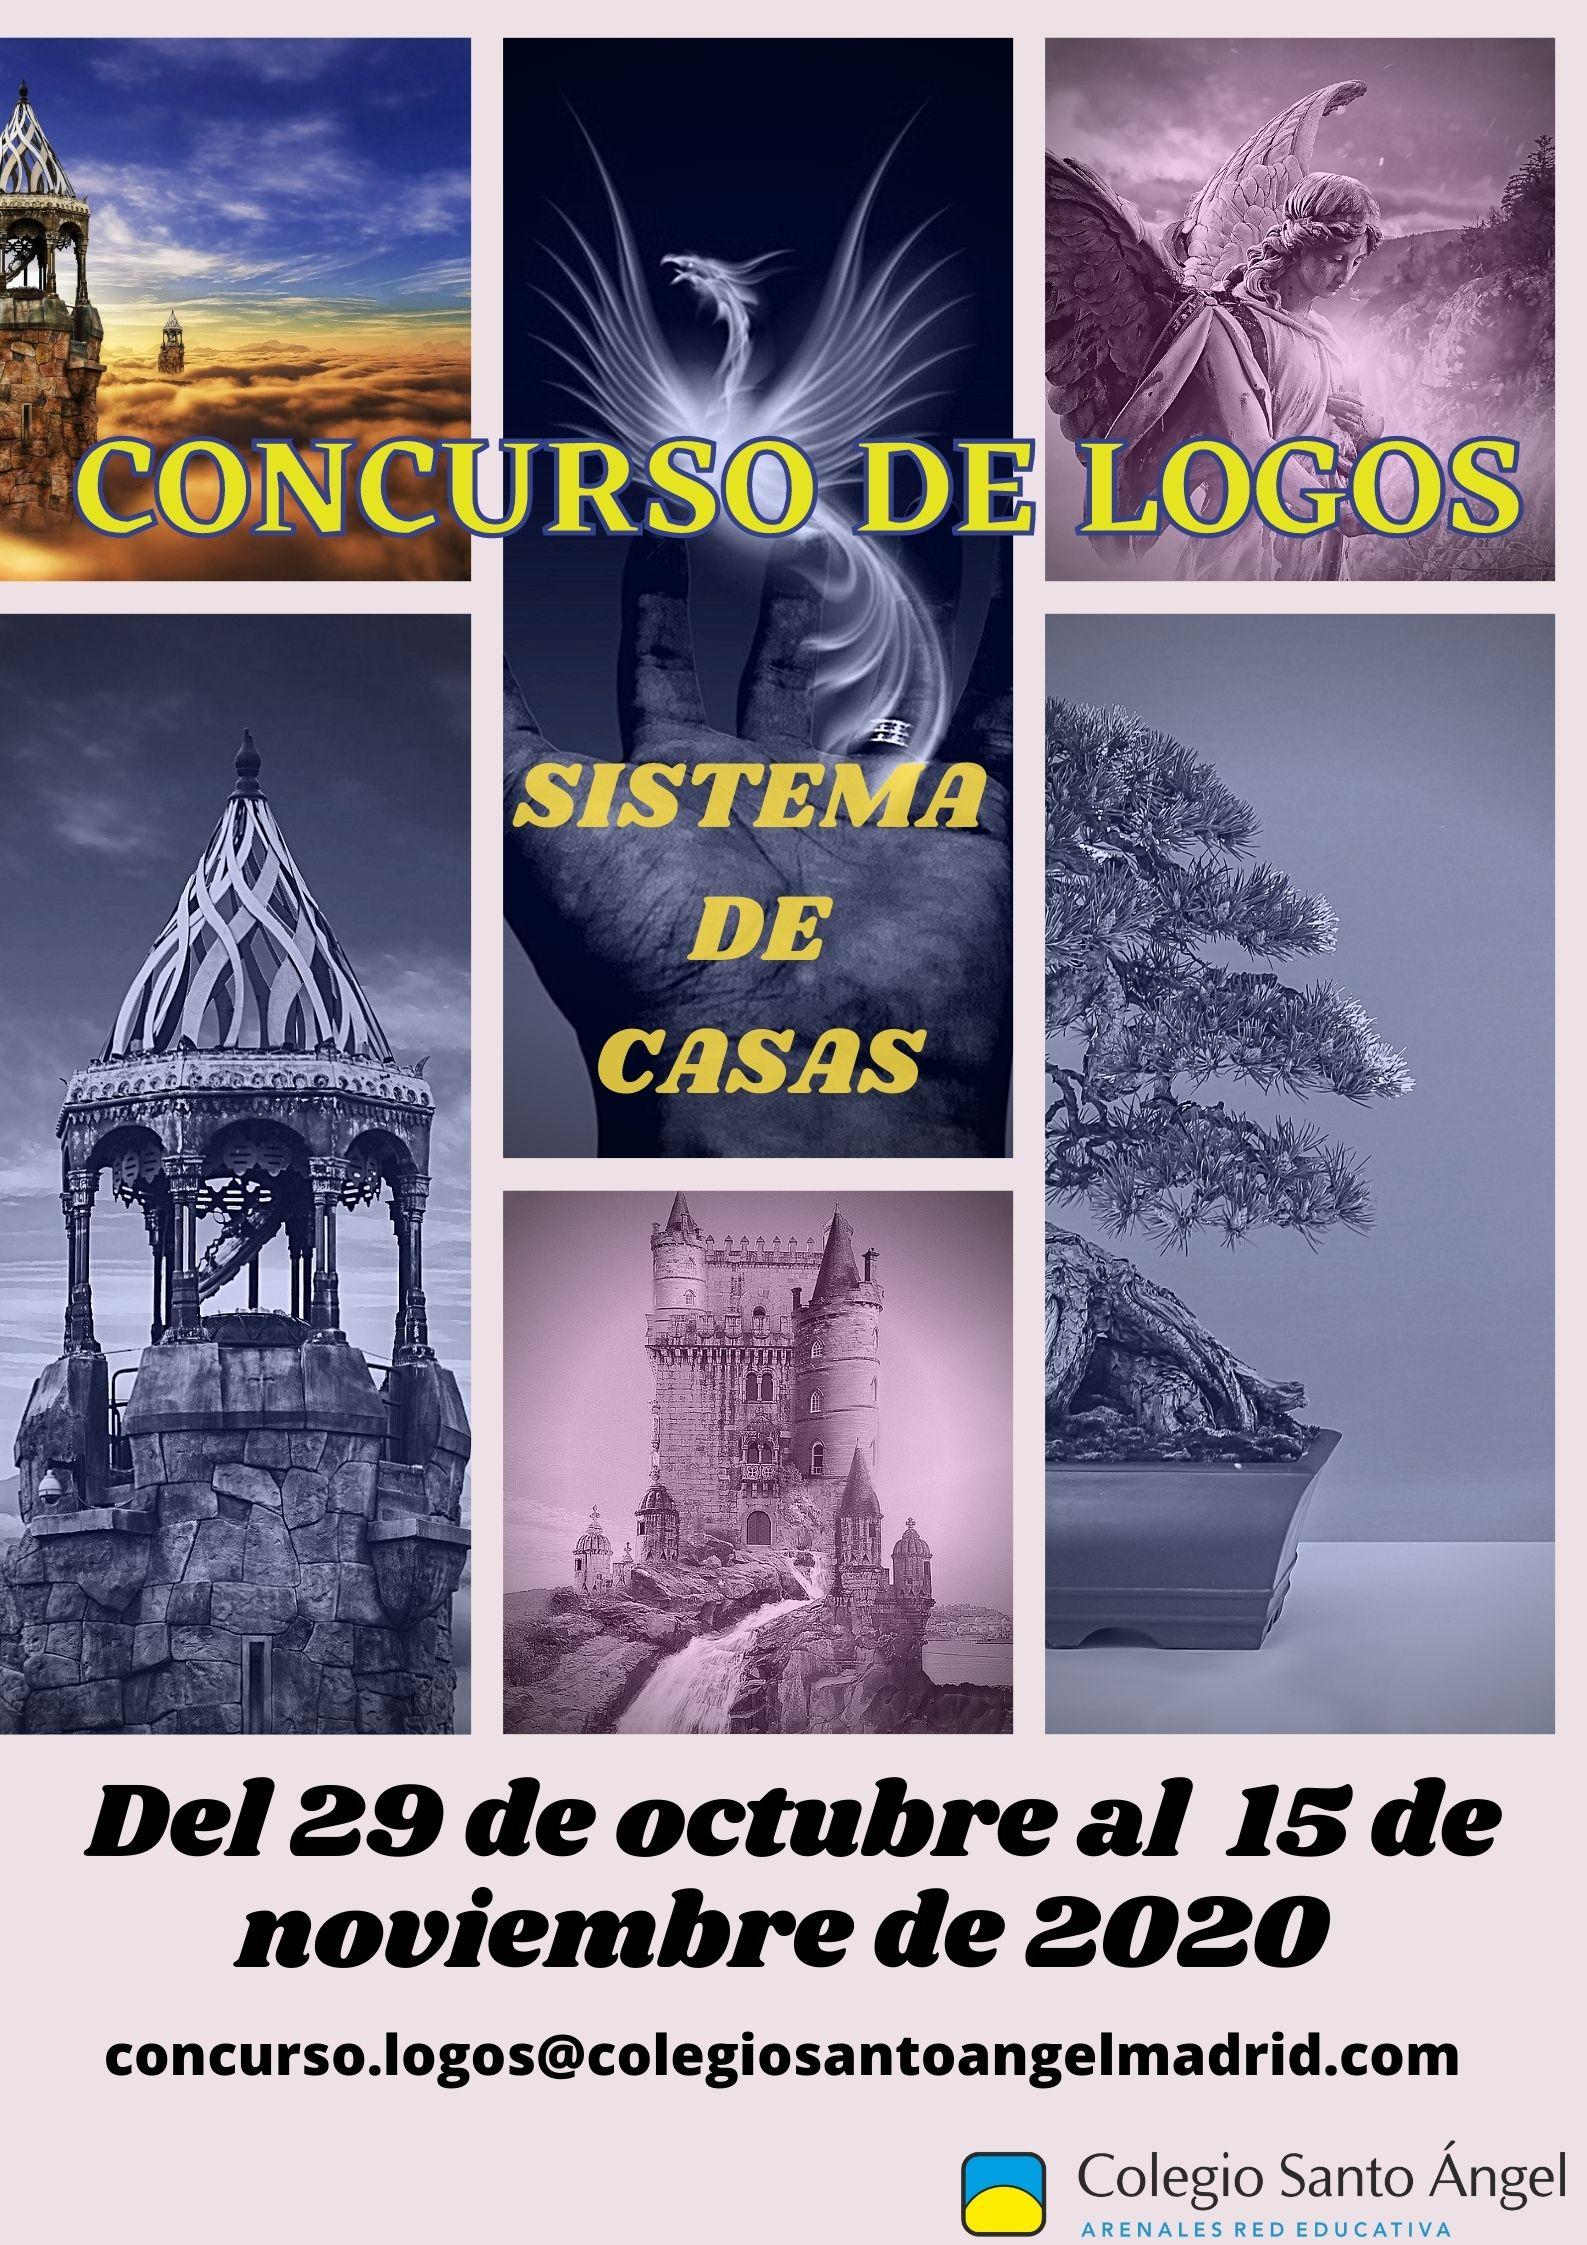 SISTEMA DE CASAS: Concurso de Logos